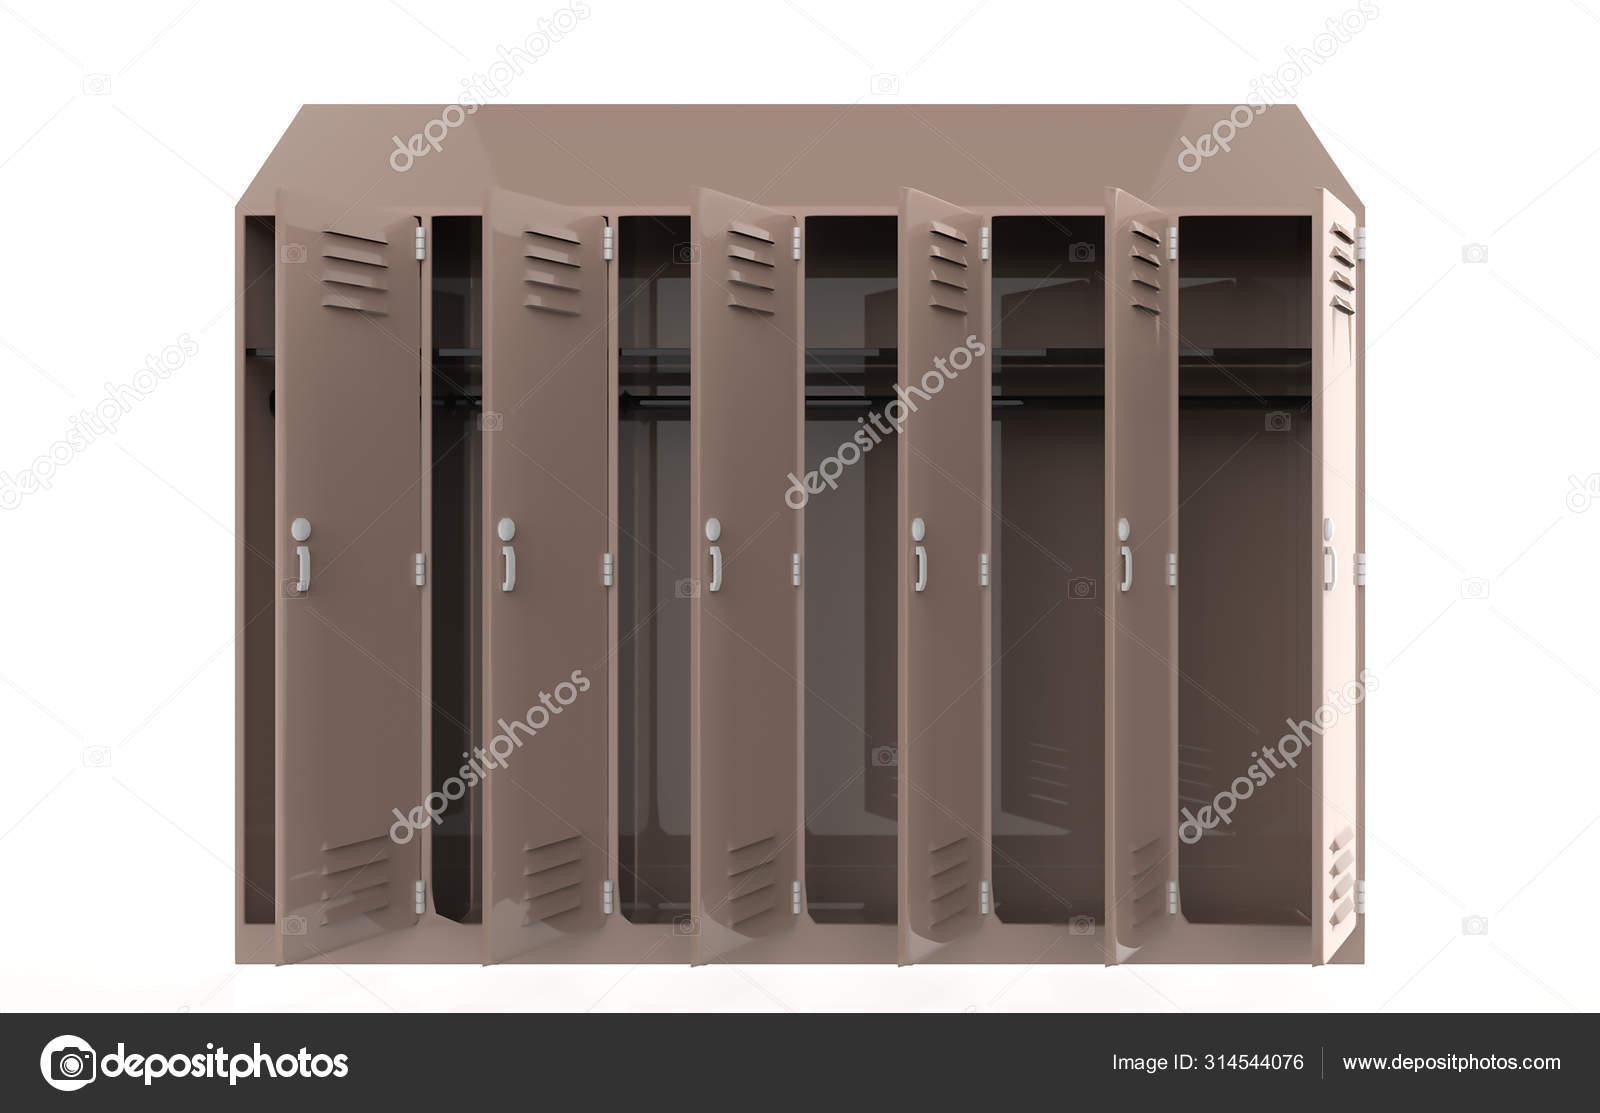 Metal Cabinets Open Door Lockers School Gym Silver Handles Locks Stock Photo C Designkida 314544076